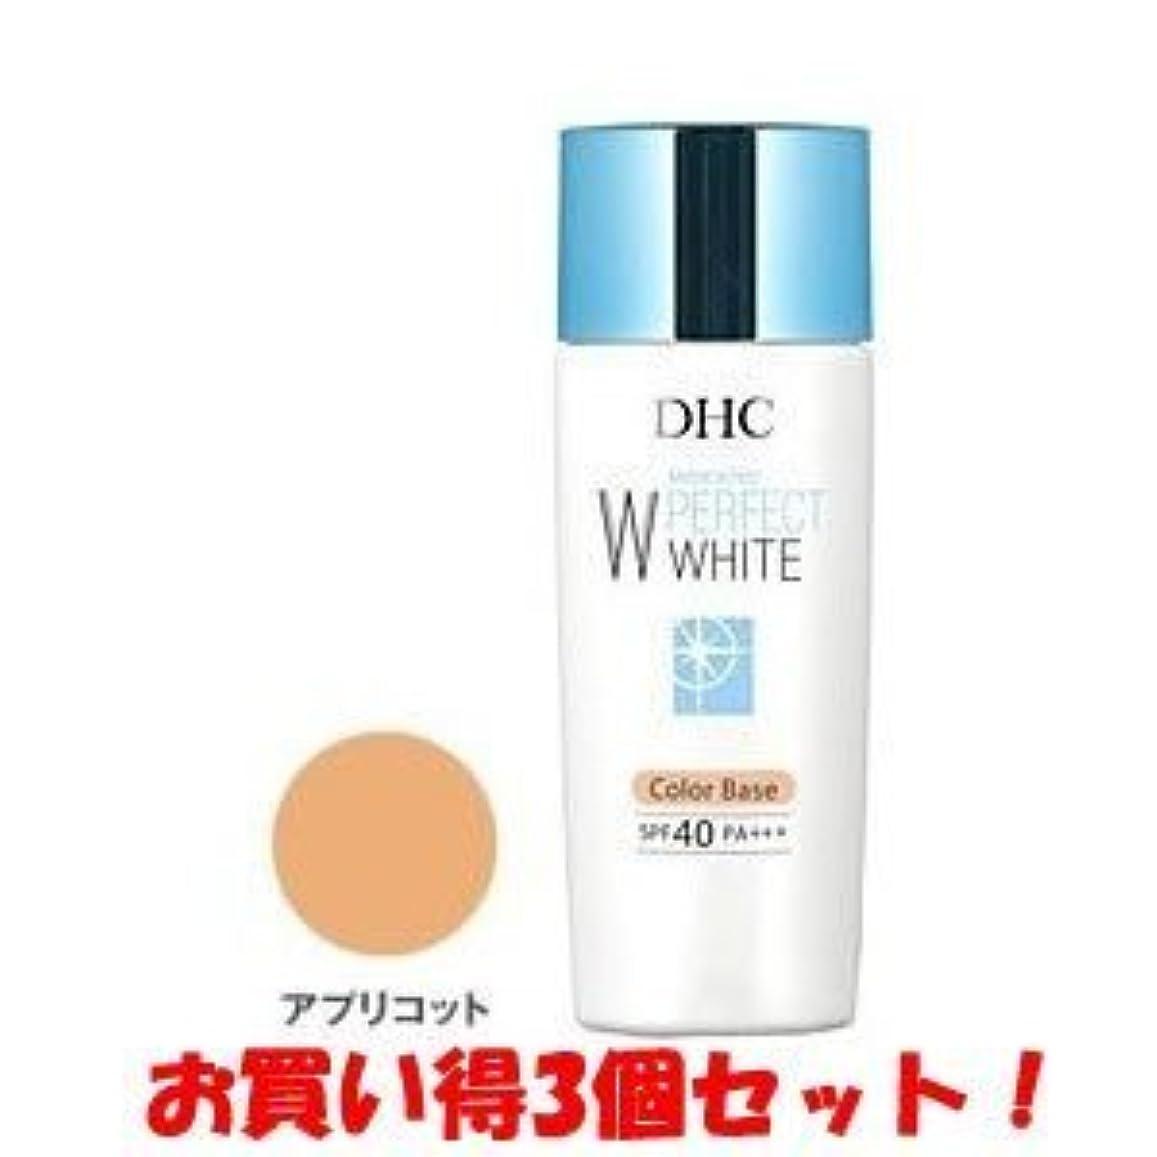 分析美しい襲撃DHC 薬用パーフェクトホワイト カラーベース アプリコット 30g(医薬部外品)(お買い得3個セット)